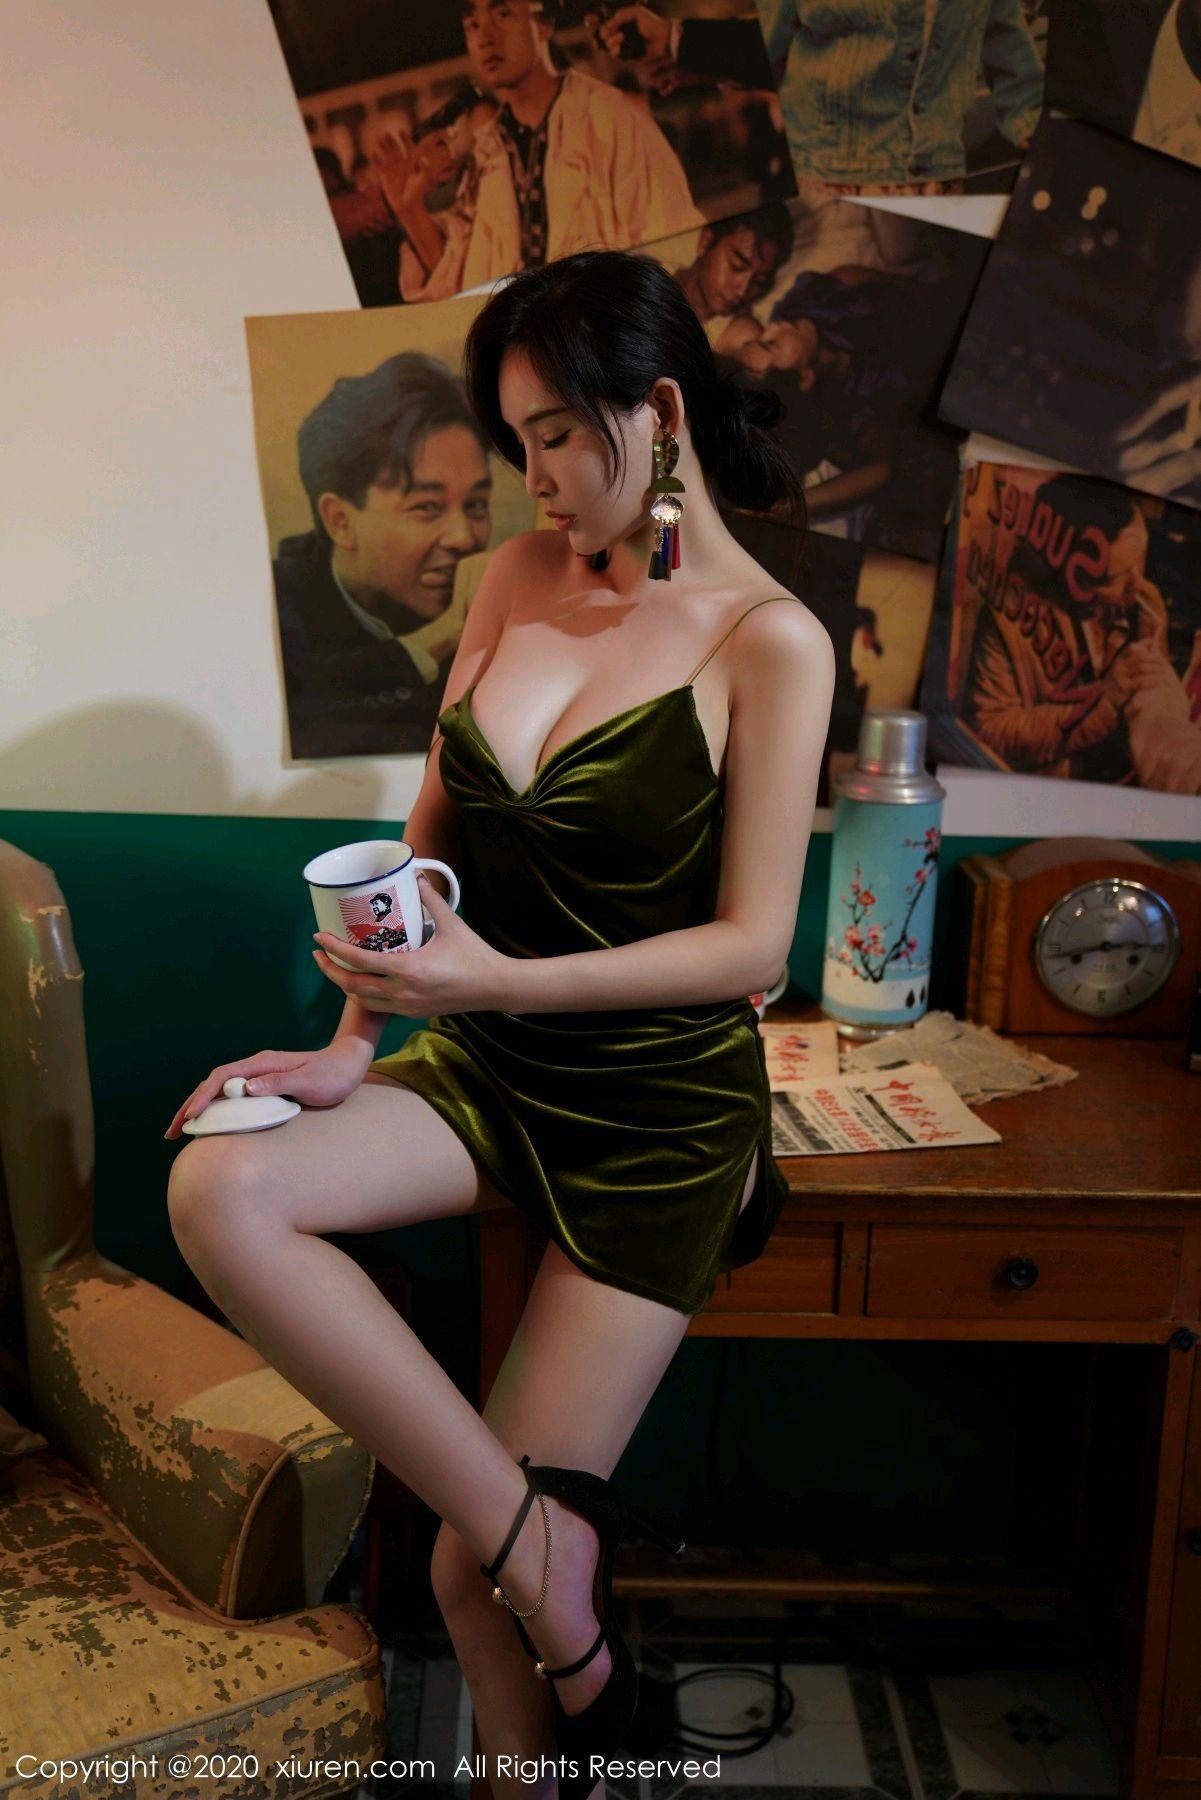 [XiuRen] Vol.2477 Tu Fei Yuan Ai Chuo QIong 5P, Sexy, Xiuren, Zhou Yan Xi